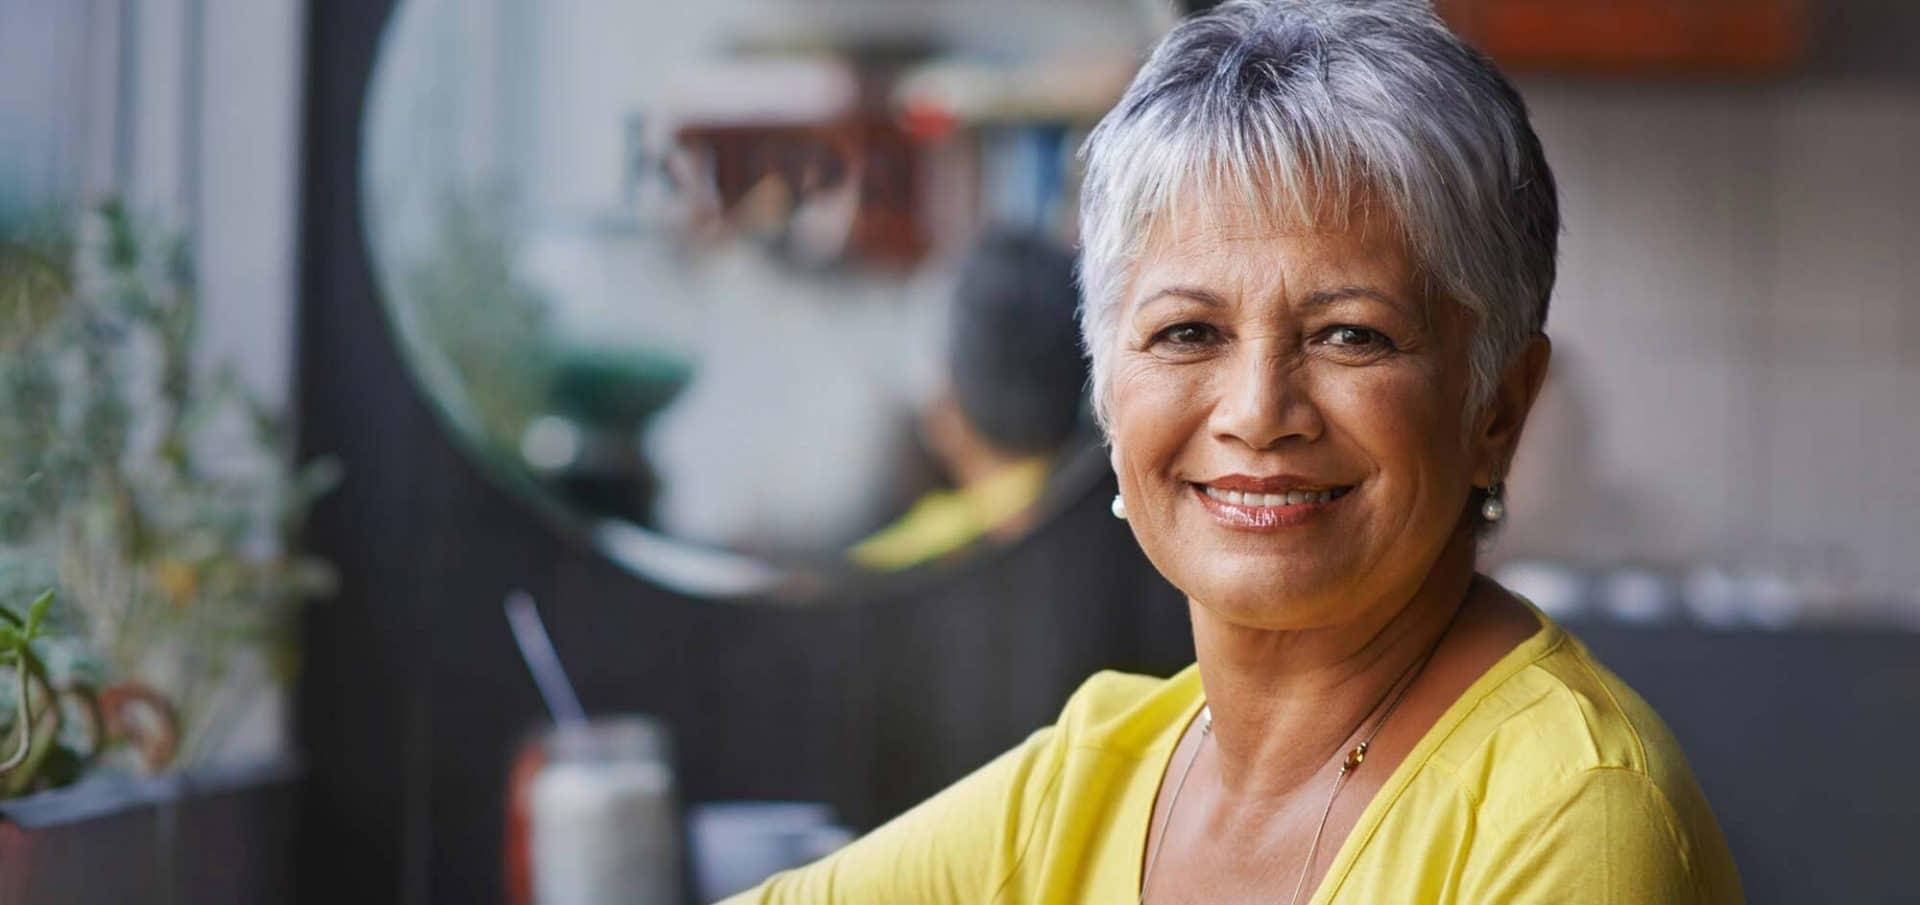 Vrouw tevreden na haartransplantatie